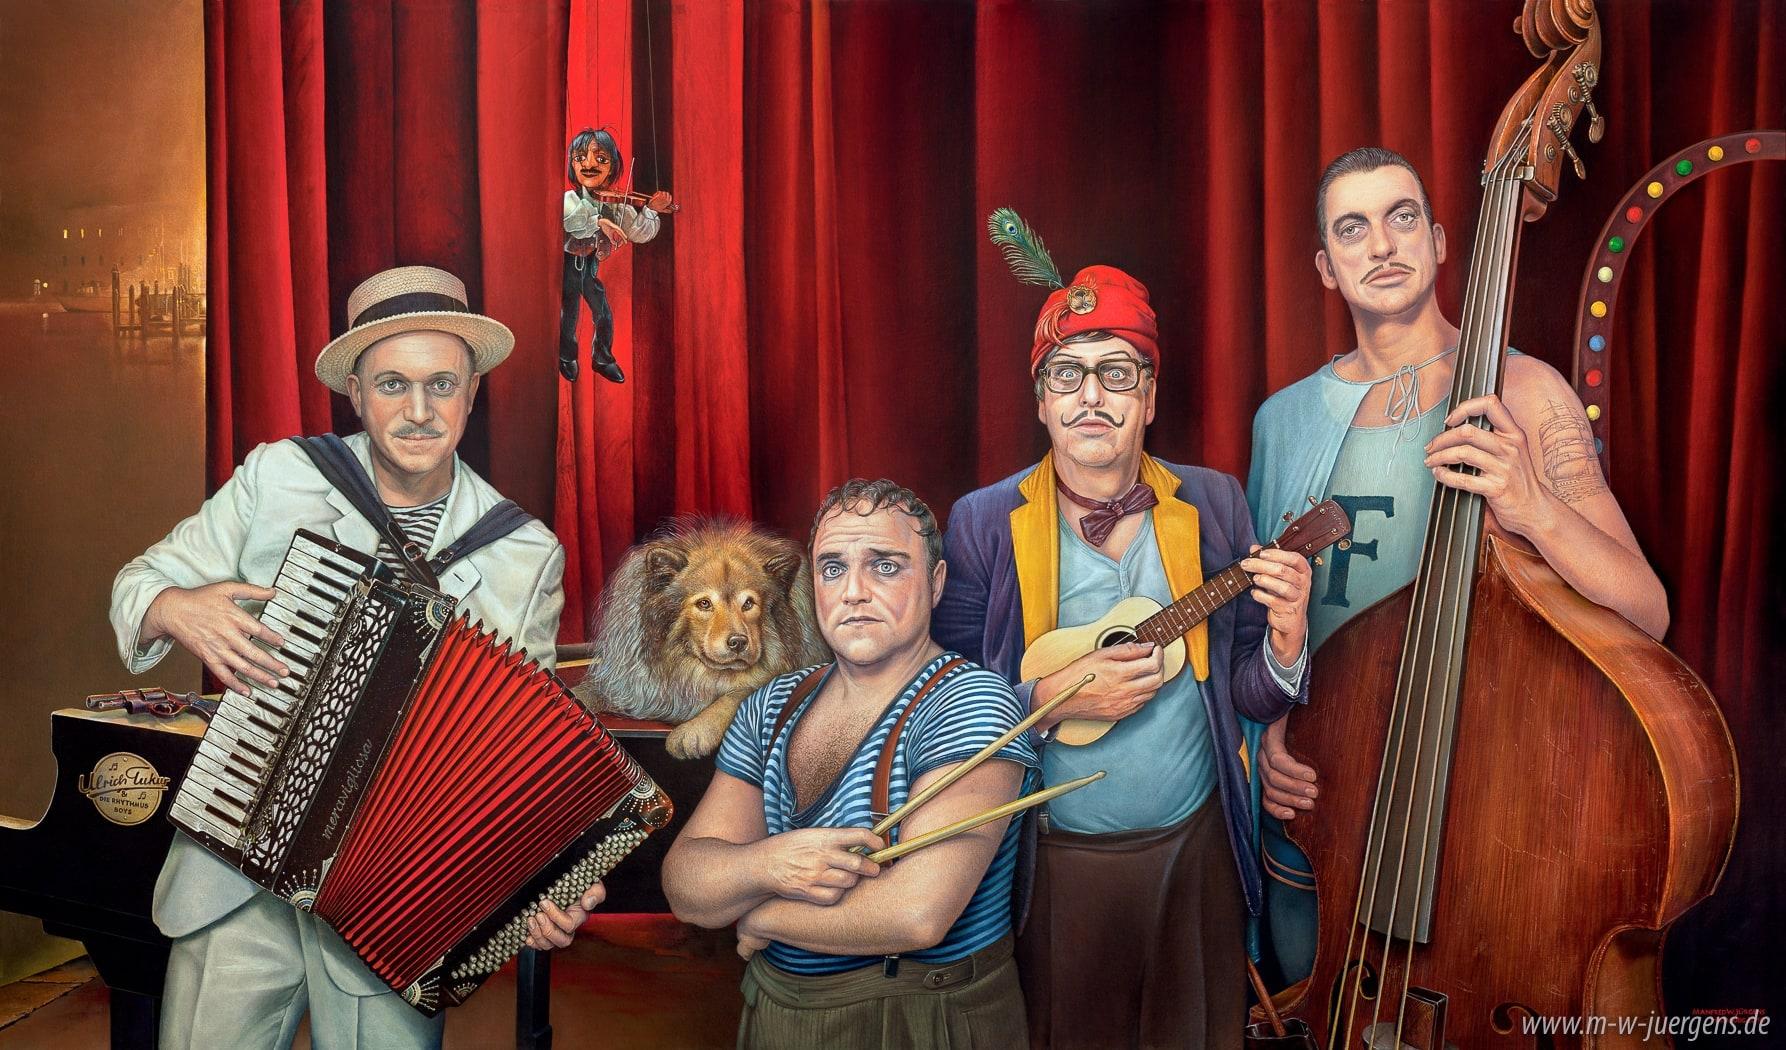 Ulrich Tukur & Die Rhythmus Boys, Manfred W. Jürgens